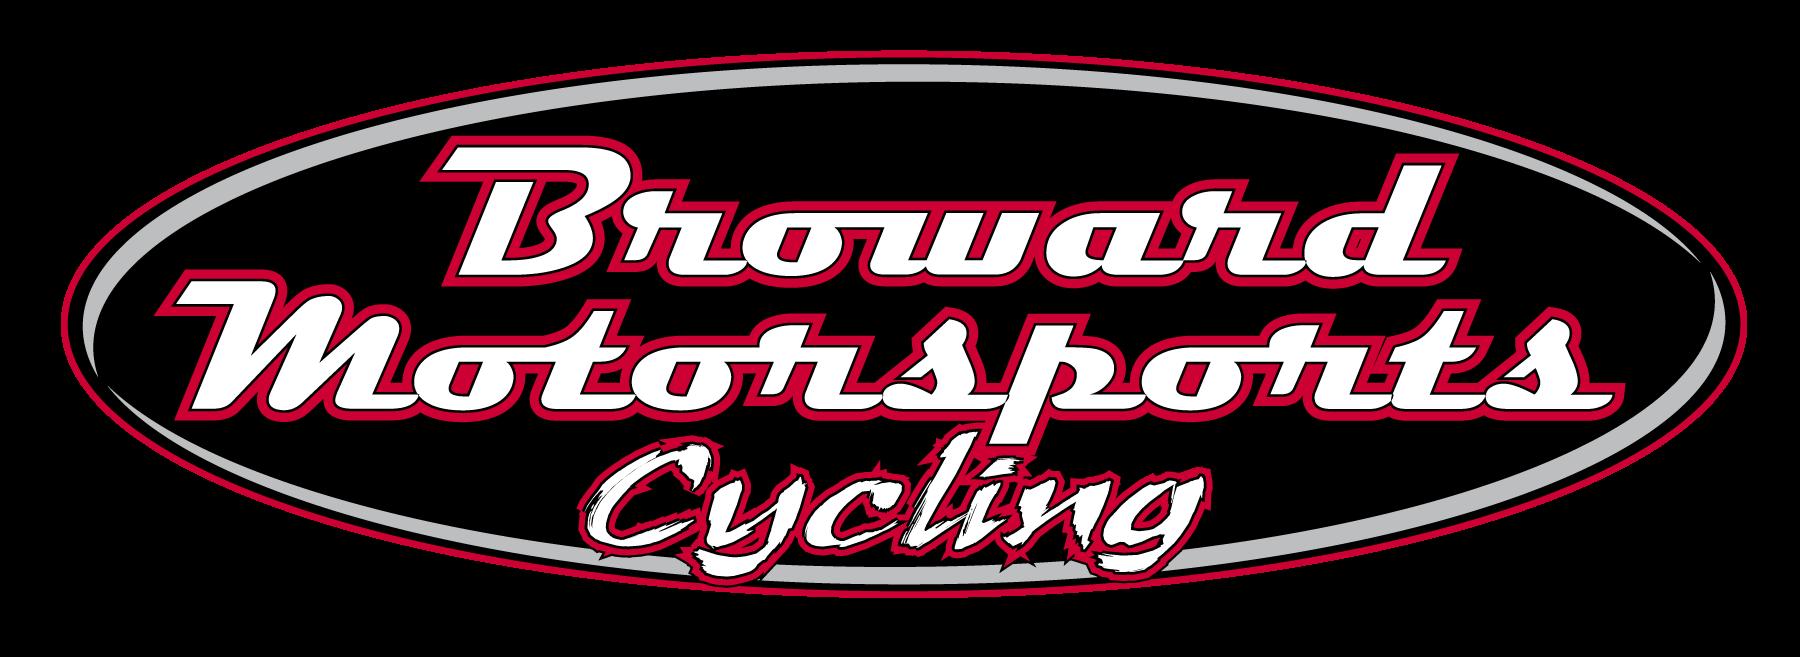 Broward Motorsports Cycling Home Page